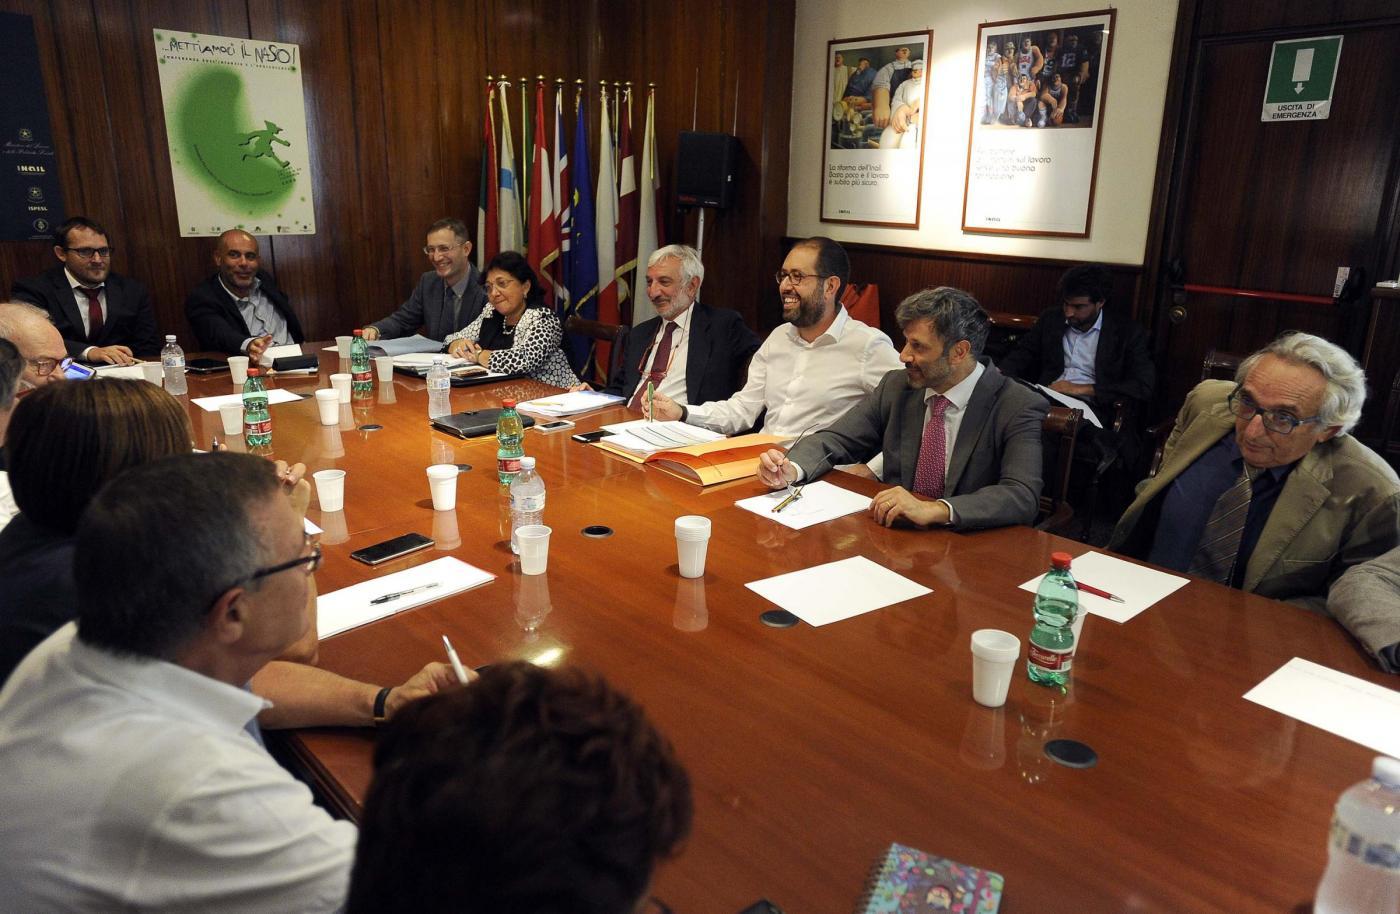 Ministero del Lavoro, incontro Governo Sindacati sulle pensioni